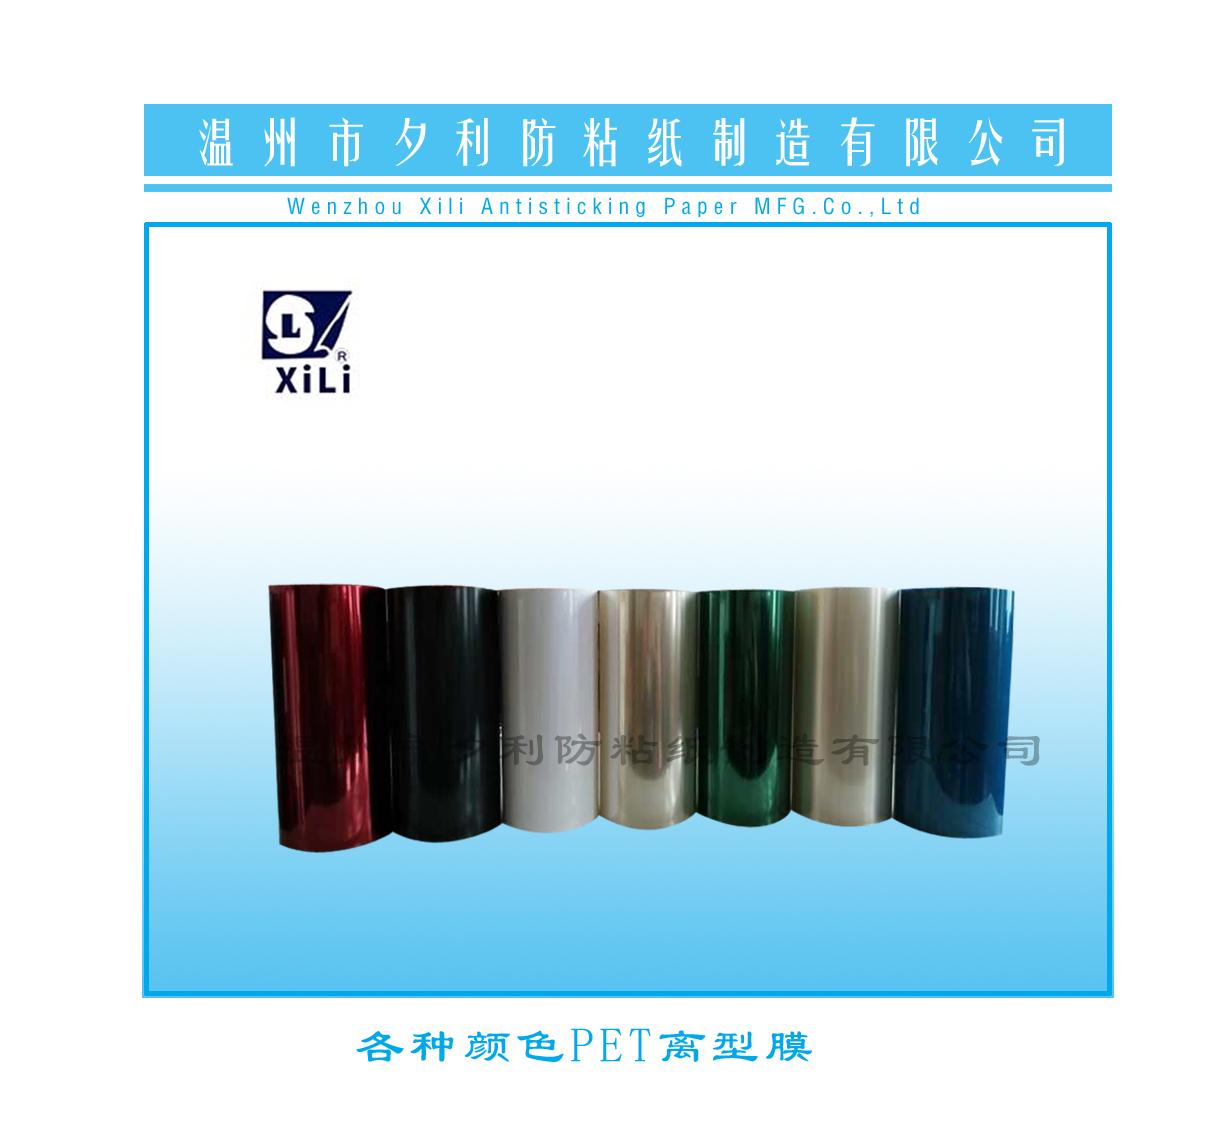 厂家供应 PET离型膜 耐高温PET聚脂离型膜 氟塑膜 高品质